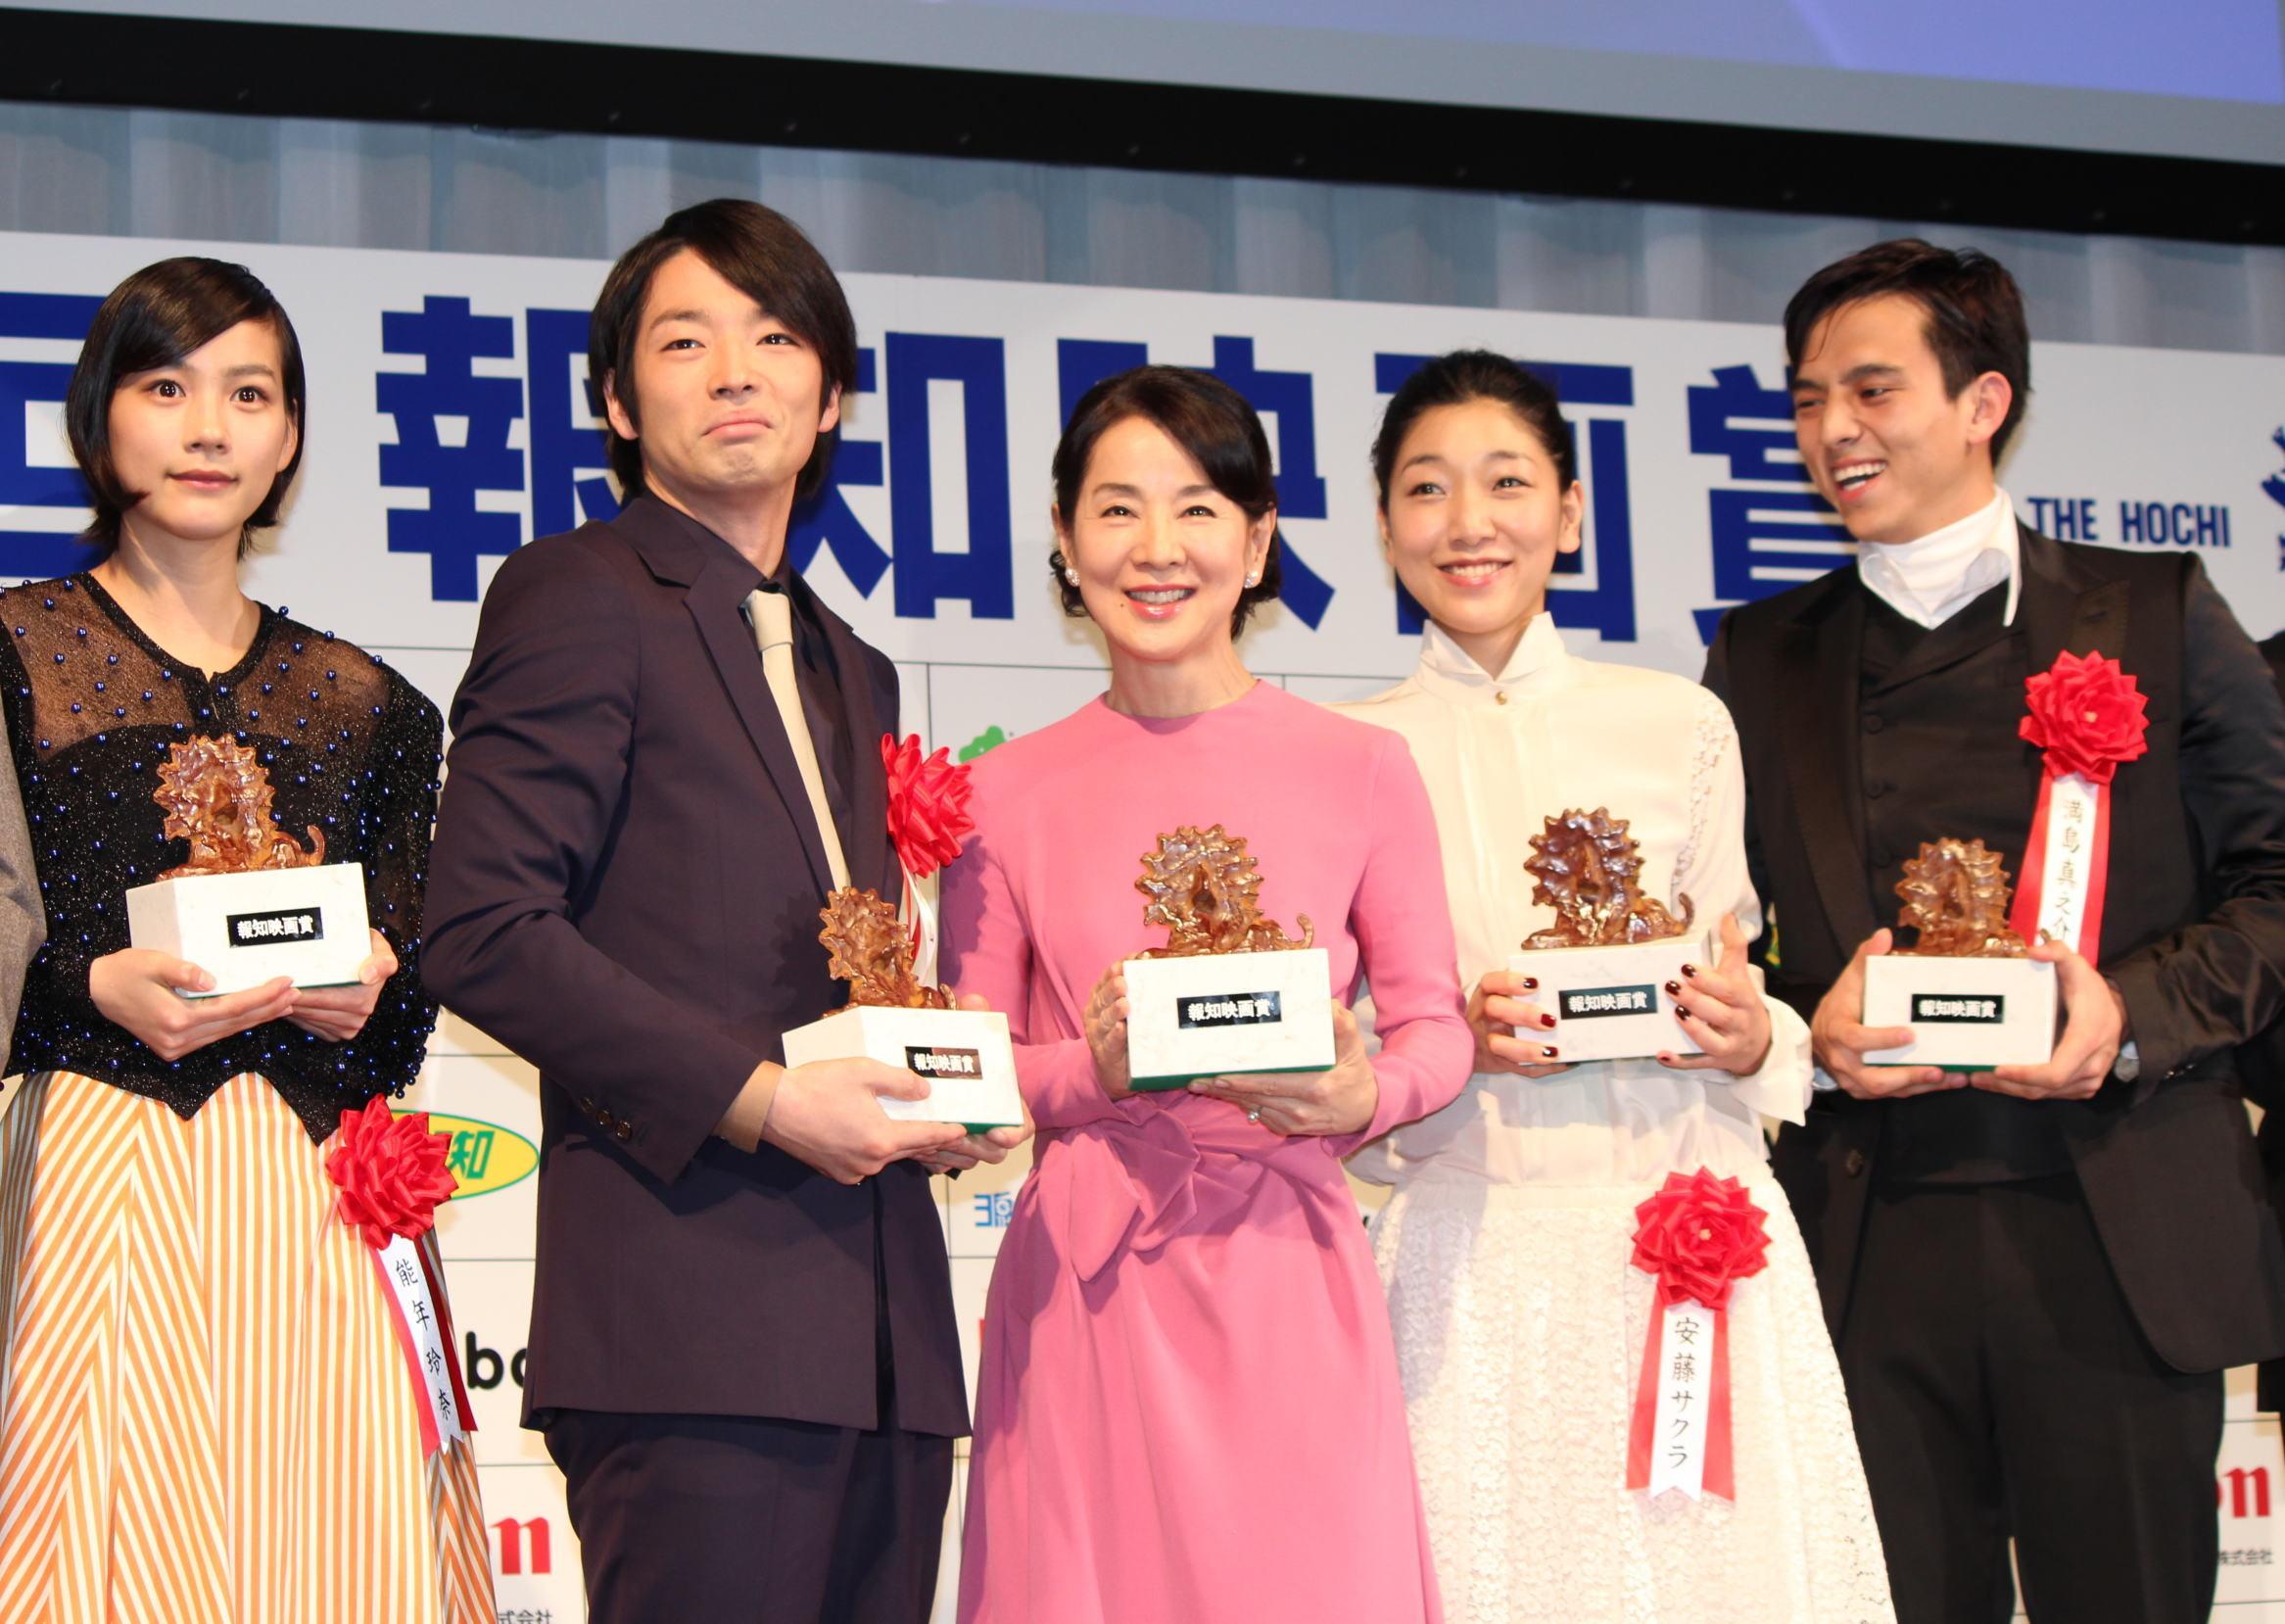 「第37回報知映画賞」主演女優賞の吉永小百合、「次は作品賞!」とさらなる意欲